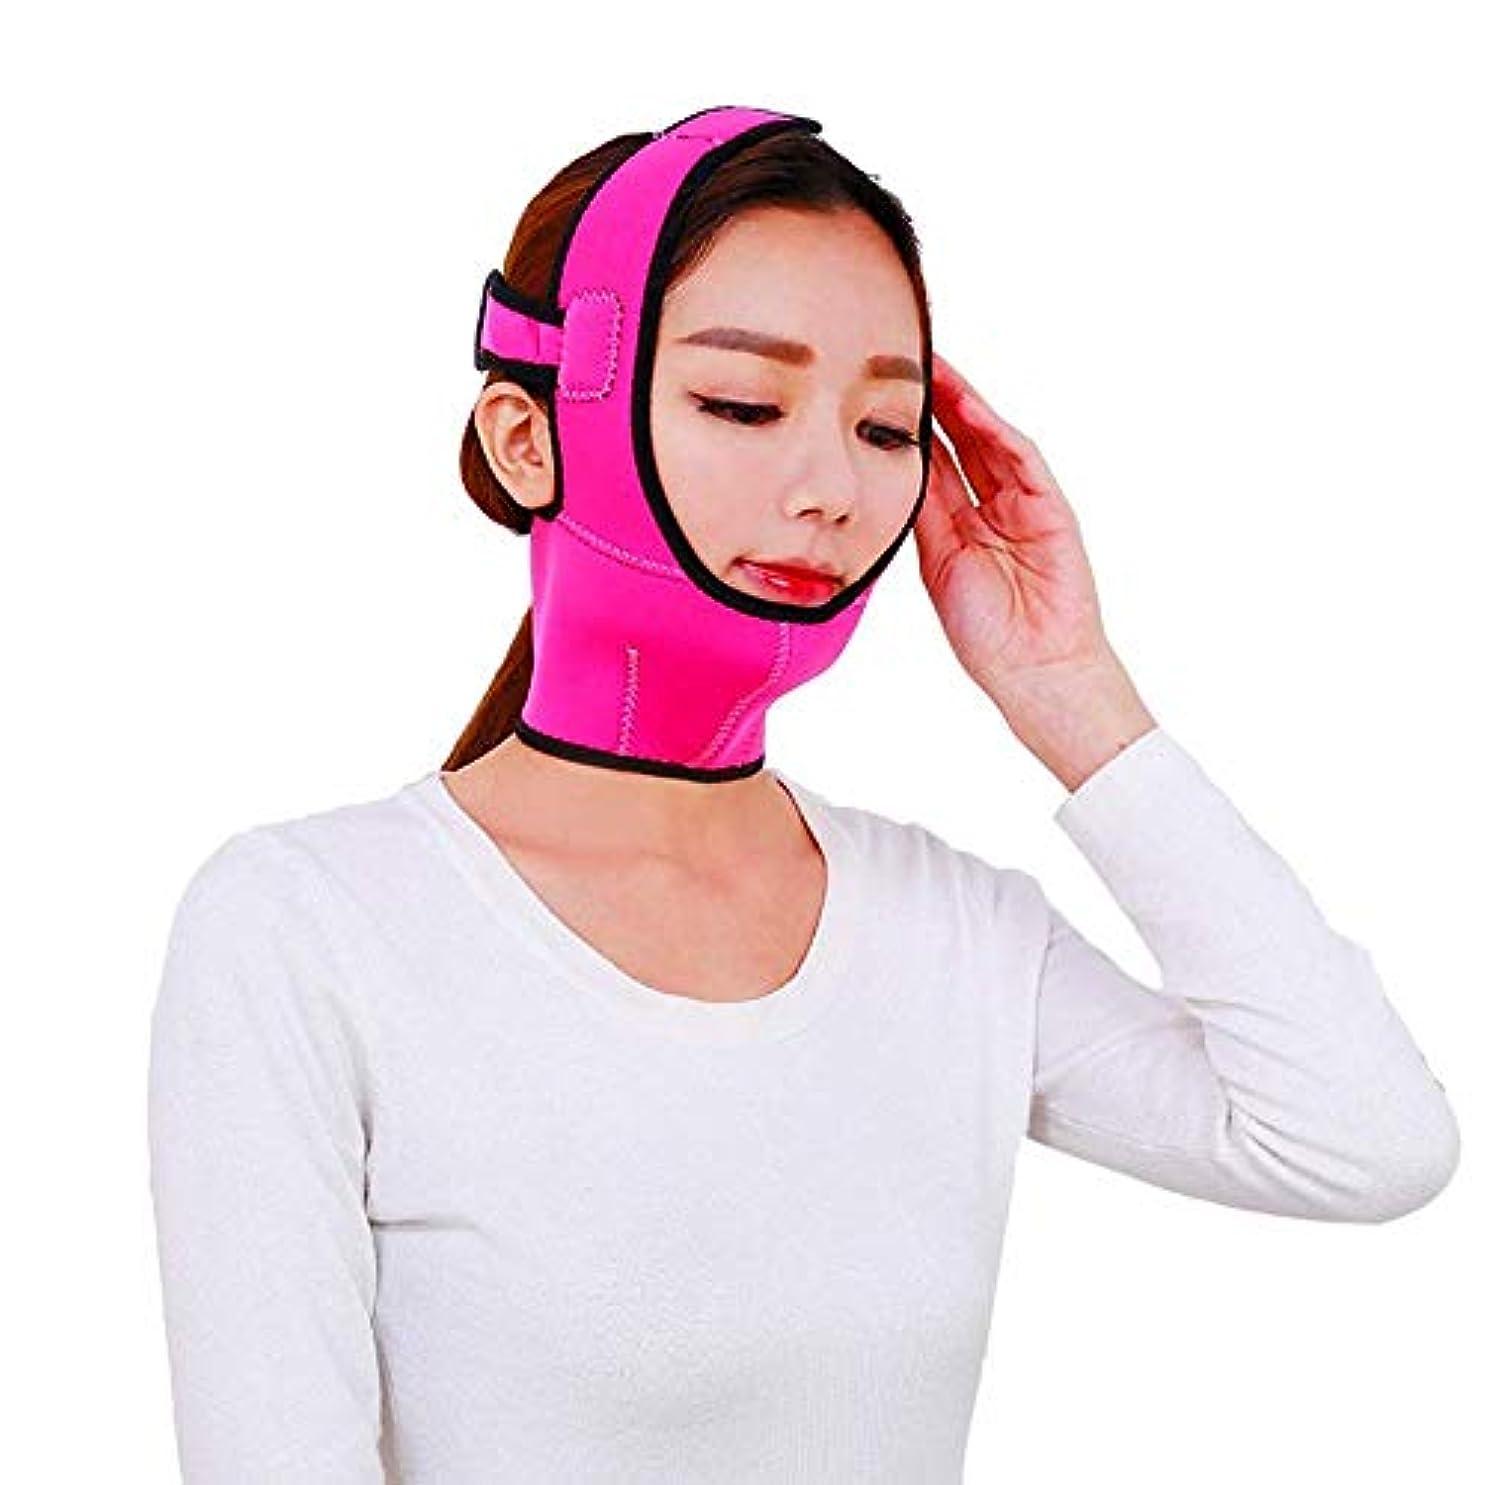 曖昧な本当のことを言うと行動二重あごの顔の持ち上がるマスクVfaceの顔の小さい顔の持ち上がる用具をきつく締める通気性の顔の持ち上がる包帯